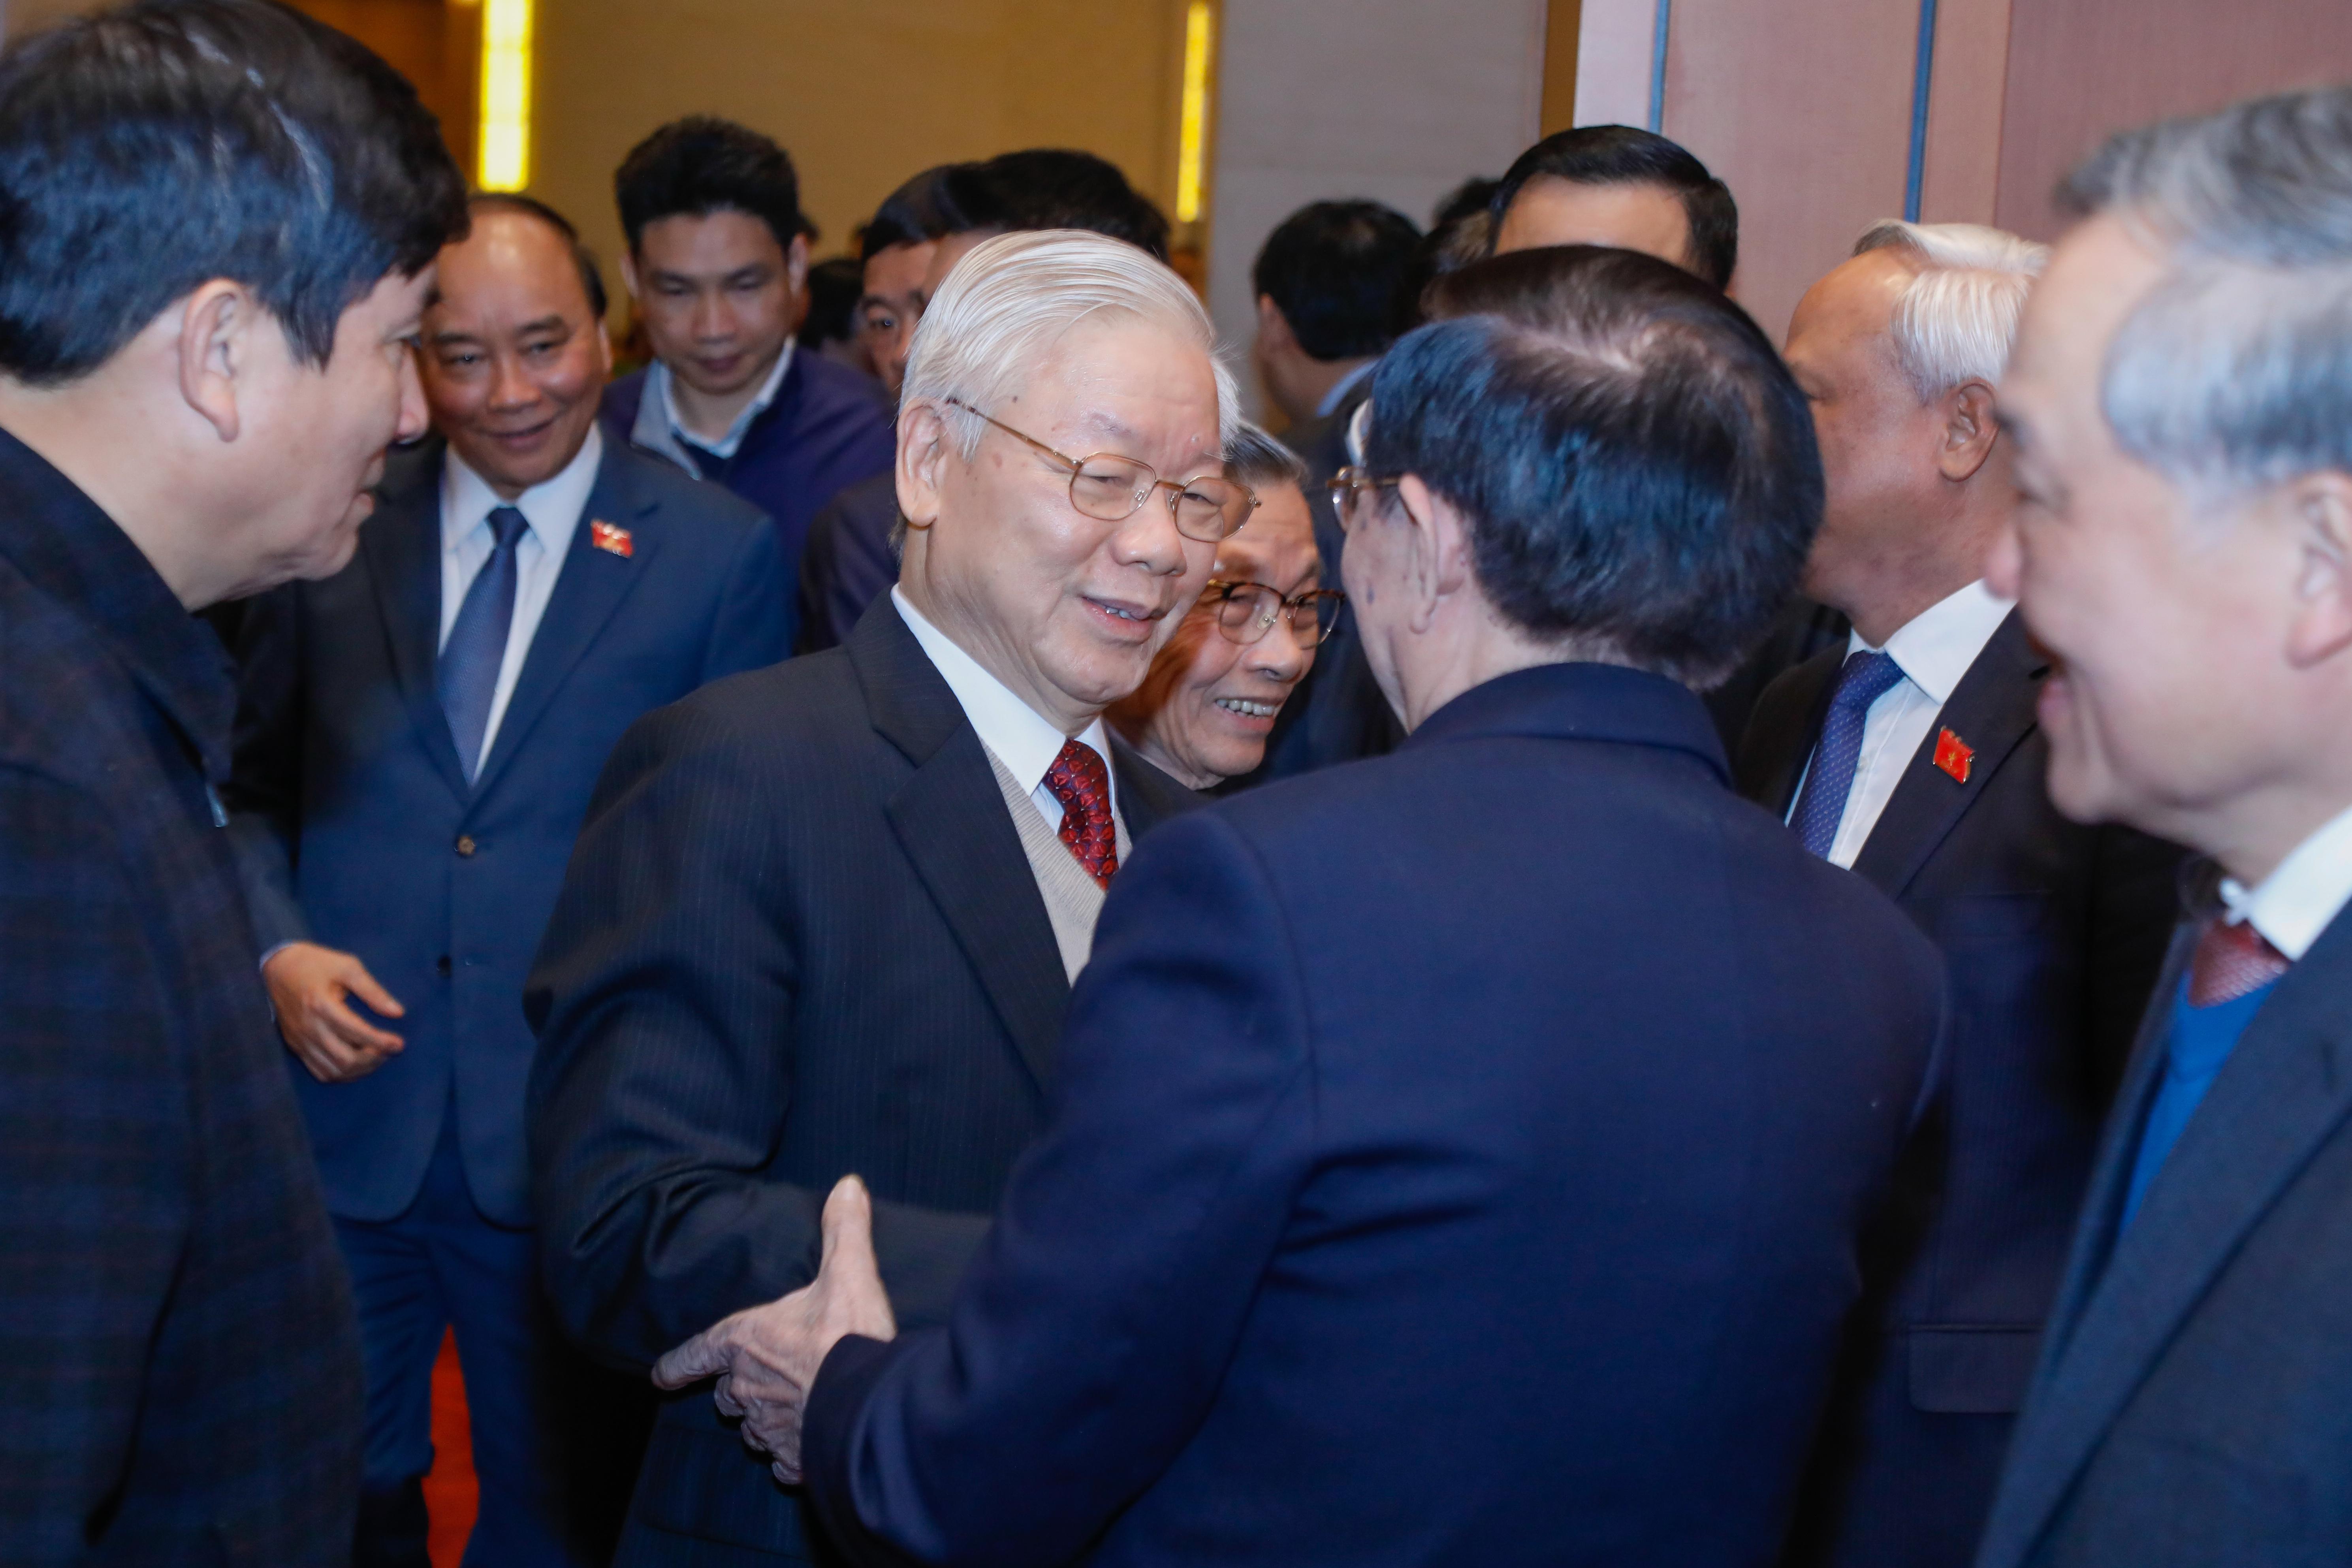 Tổng Bí thư, Chủ tịch nước Nguyễn Phú Trọng trò chuyện với các đại biểu dự gặp mặt-Ảnh: Quang Vinh